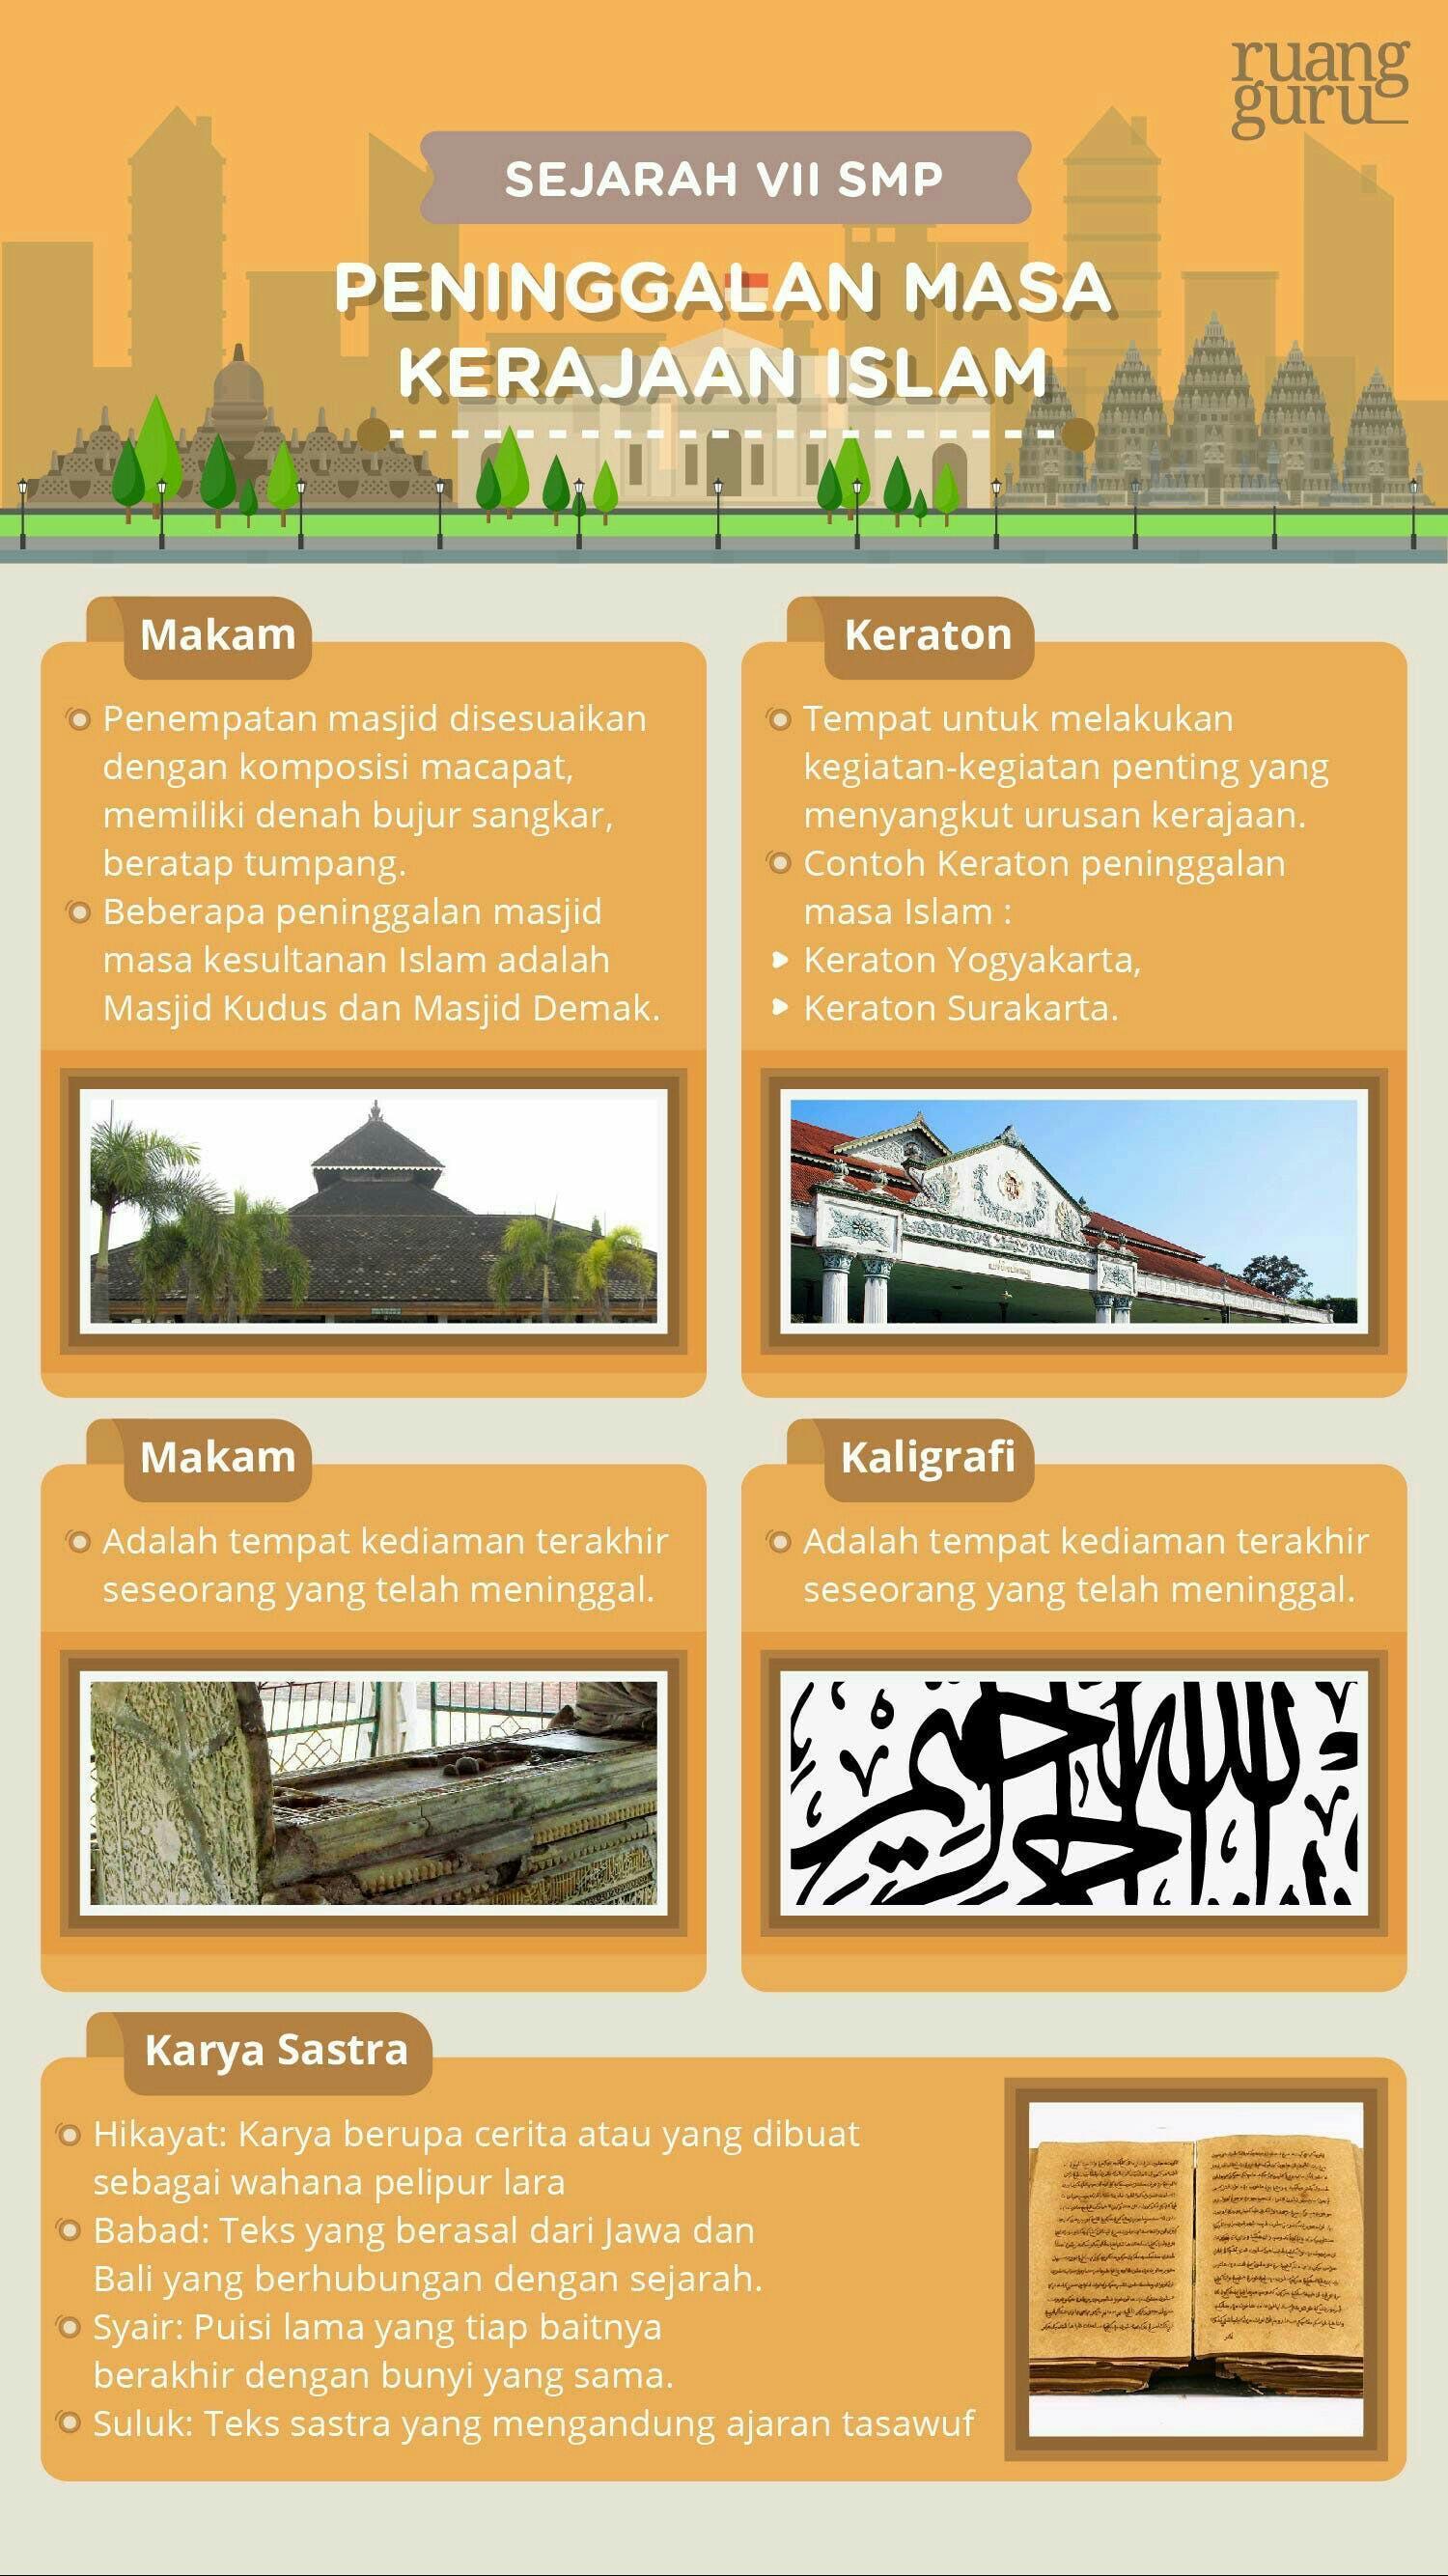 Karya Sastra Peninggalan Masa Kerajaan Kerajaan Islam Di ...